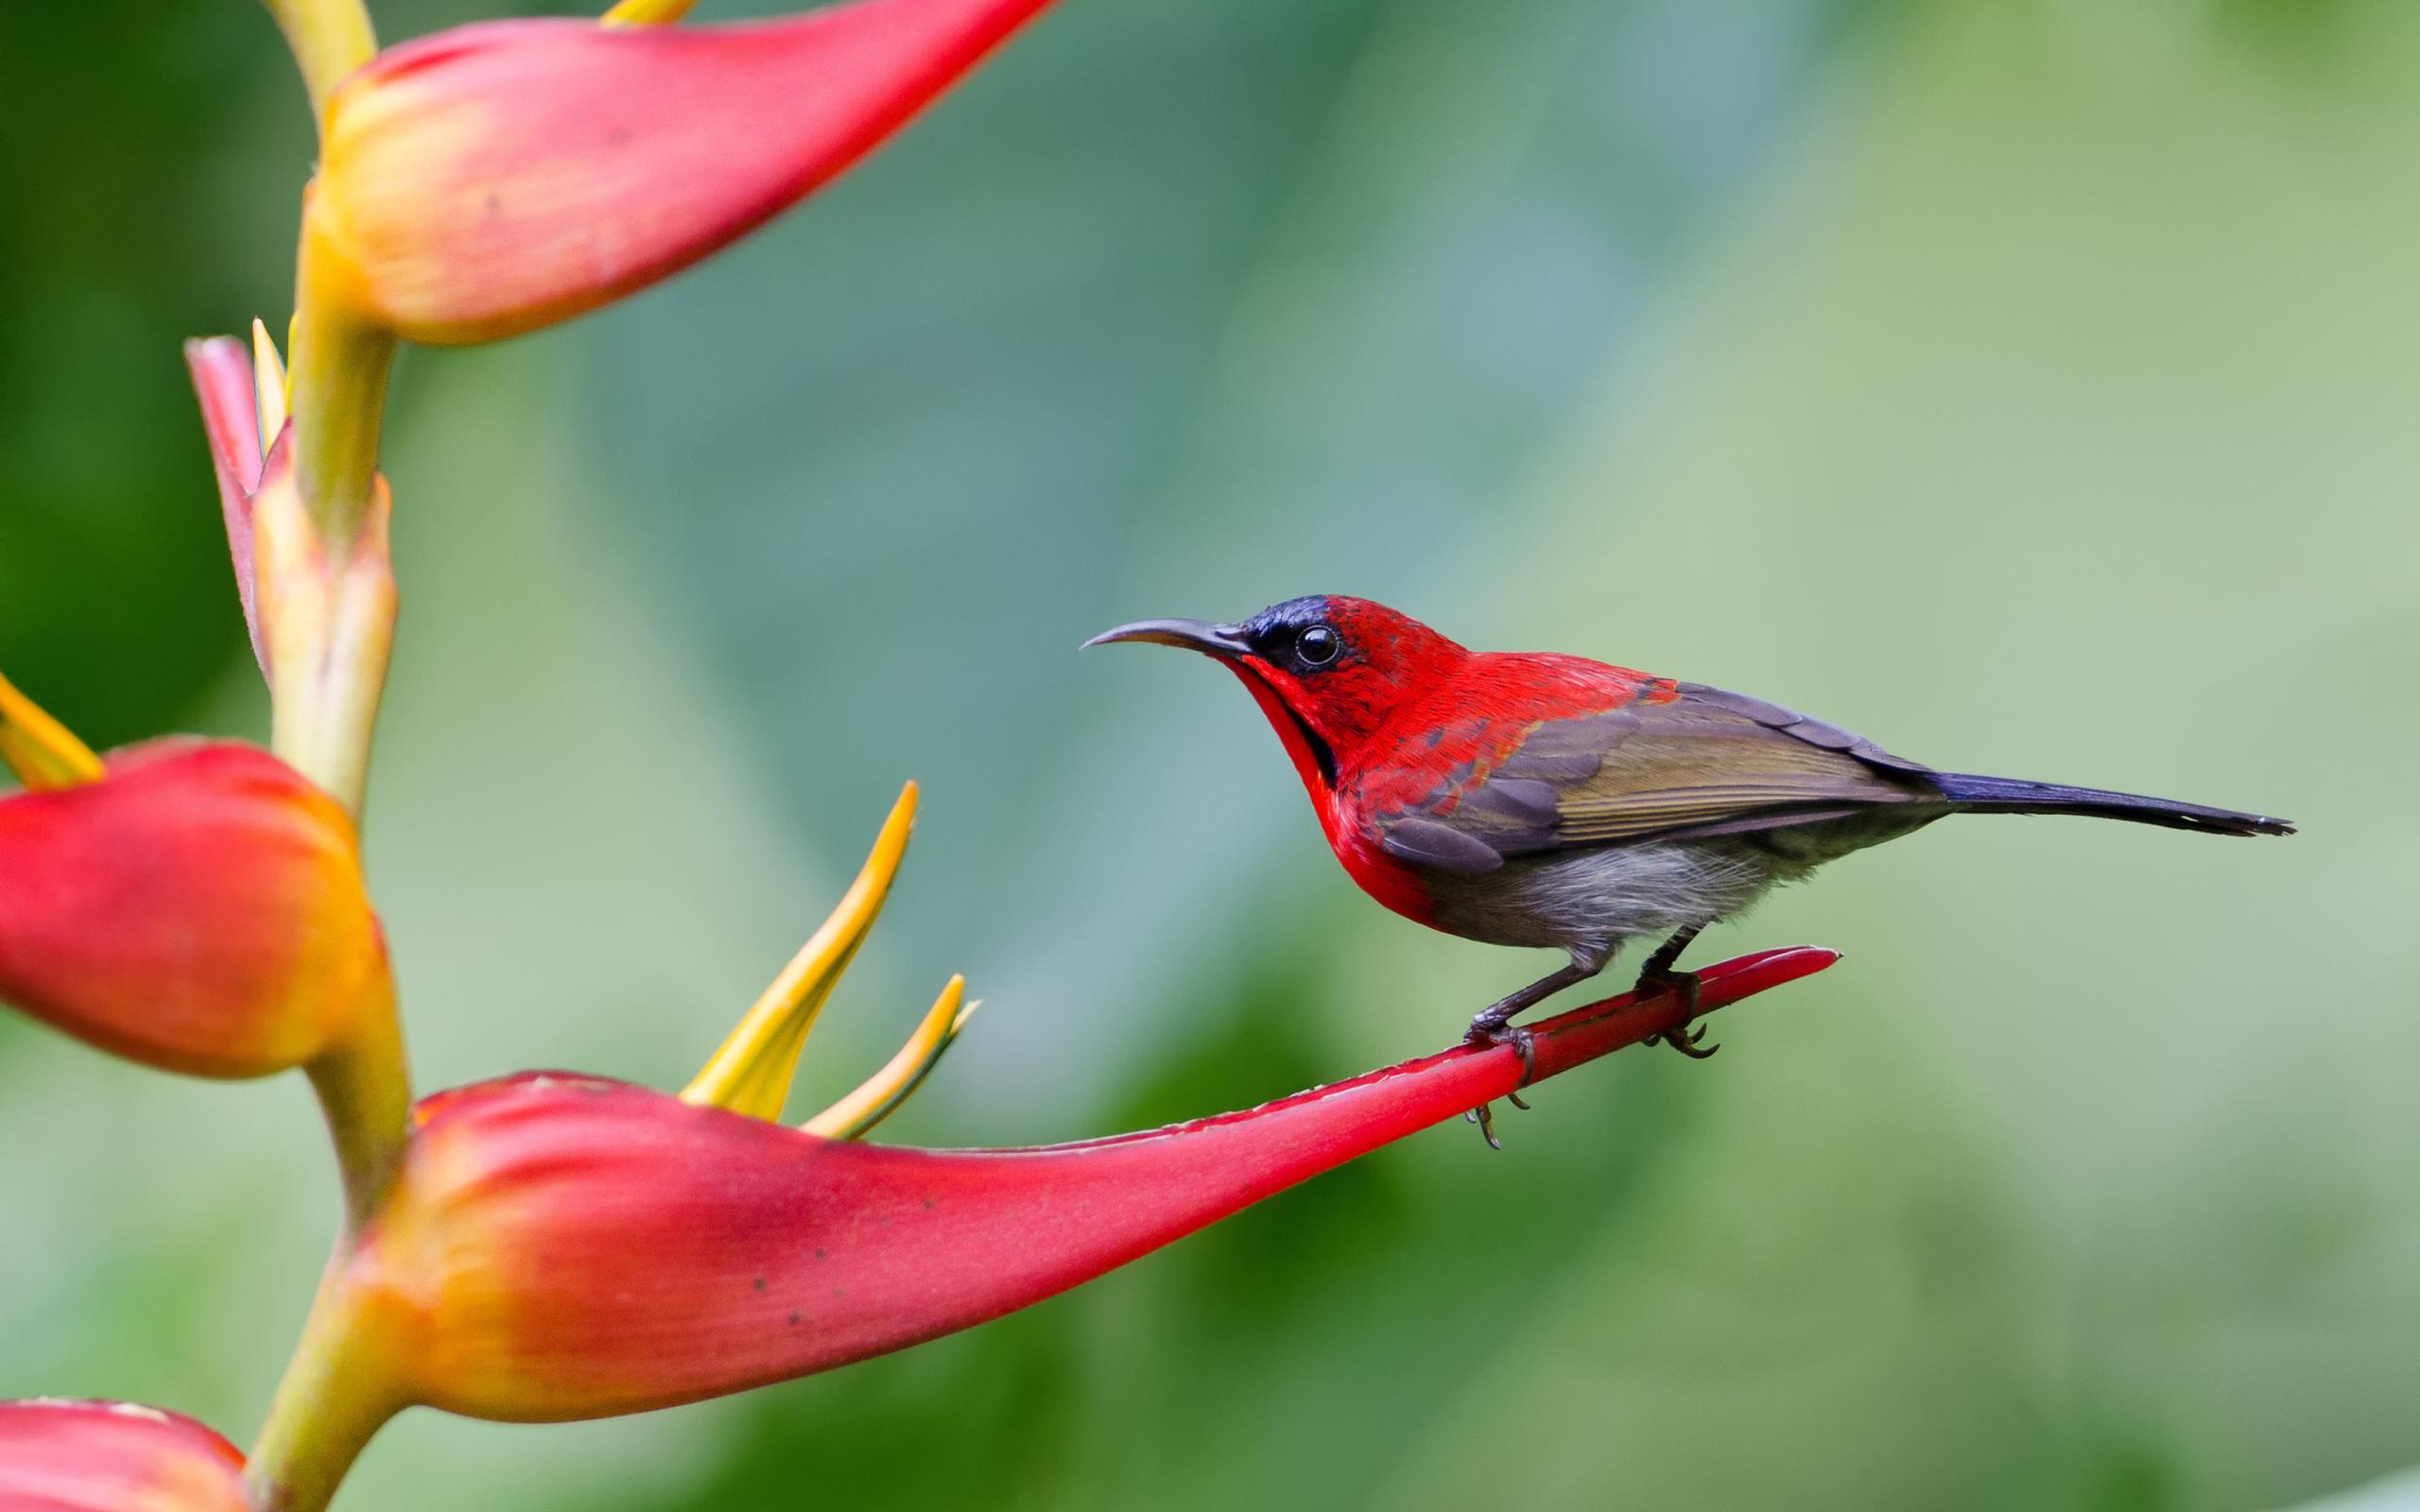 природа животные птица nature animals bird  № 2036870 загрузить